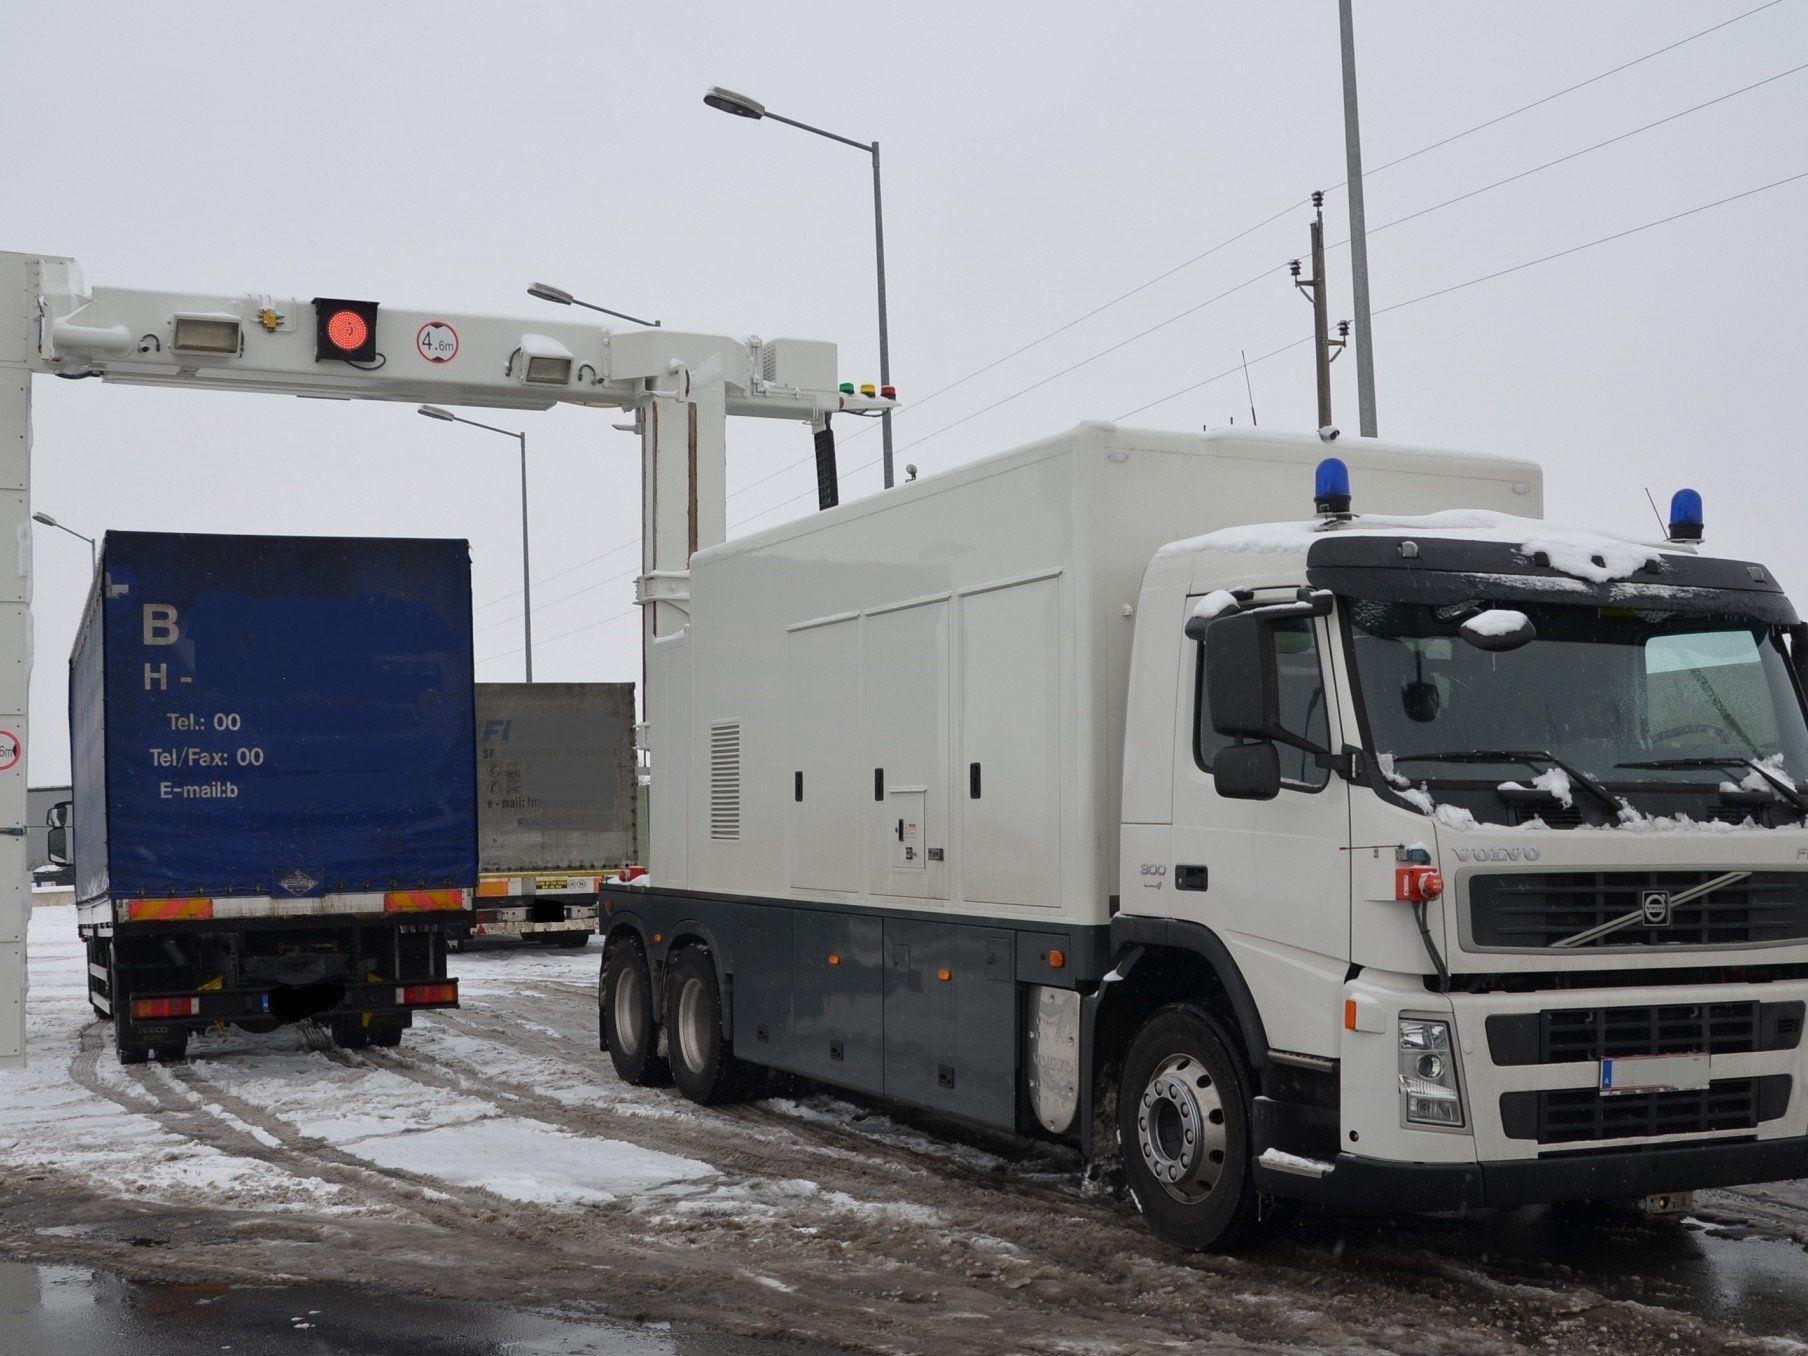 Mit dem mobilen Röntgenfahrzeug werden die Lkw gescannt.